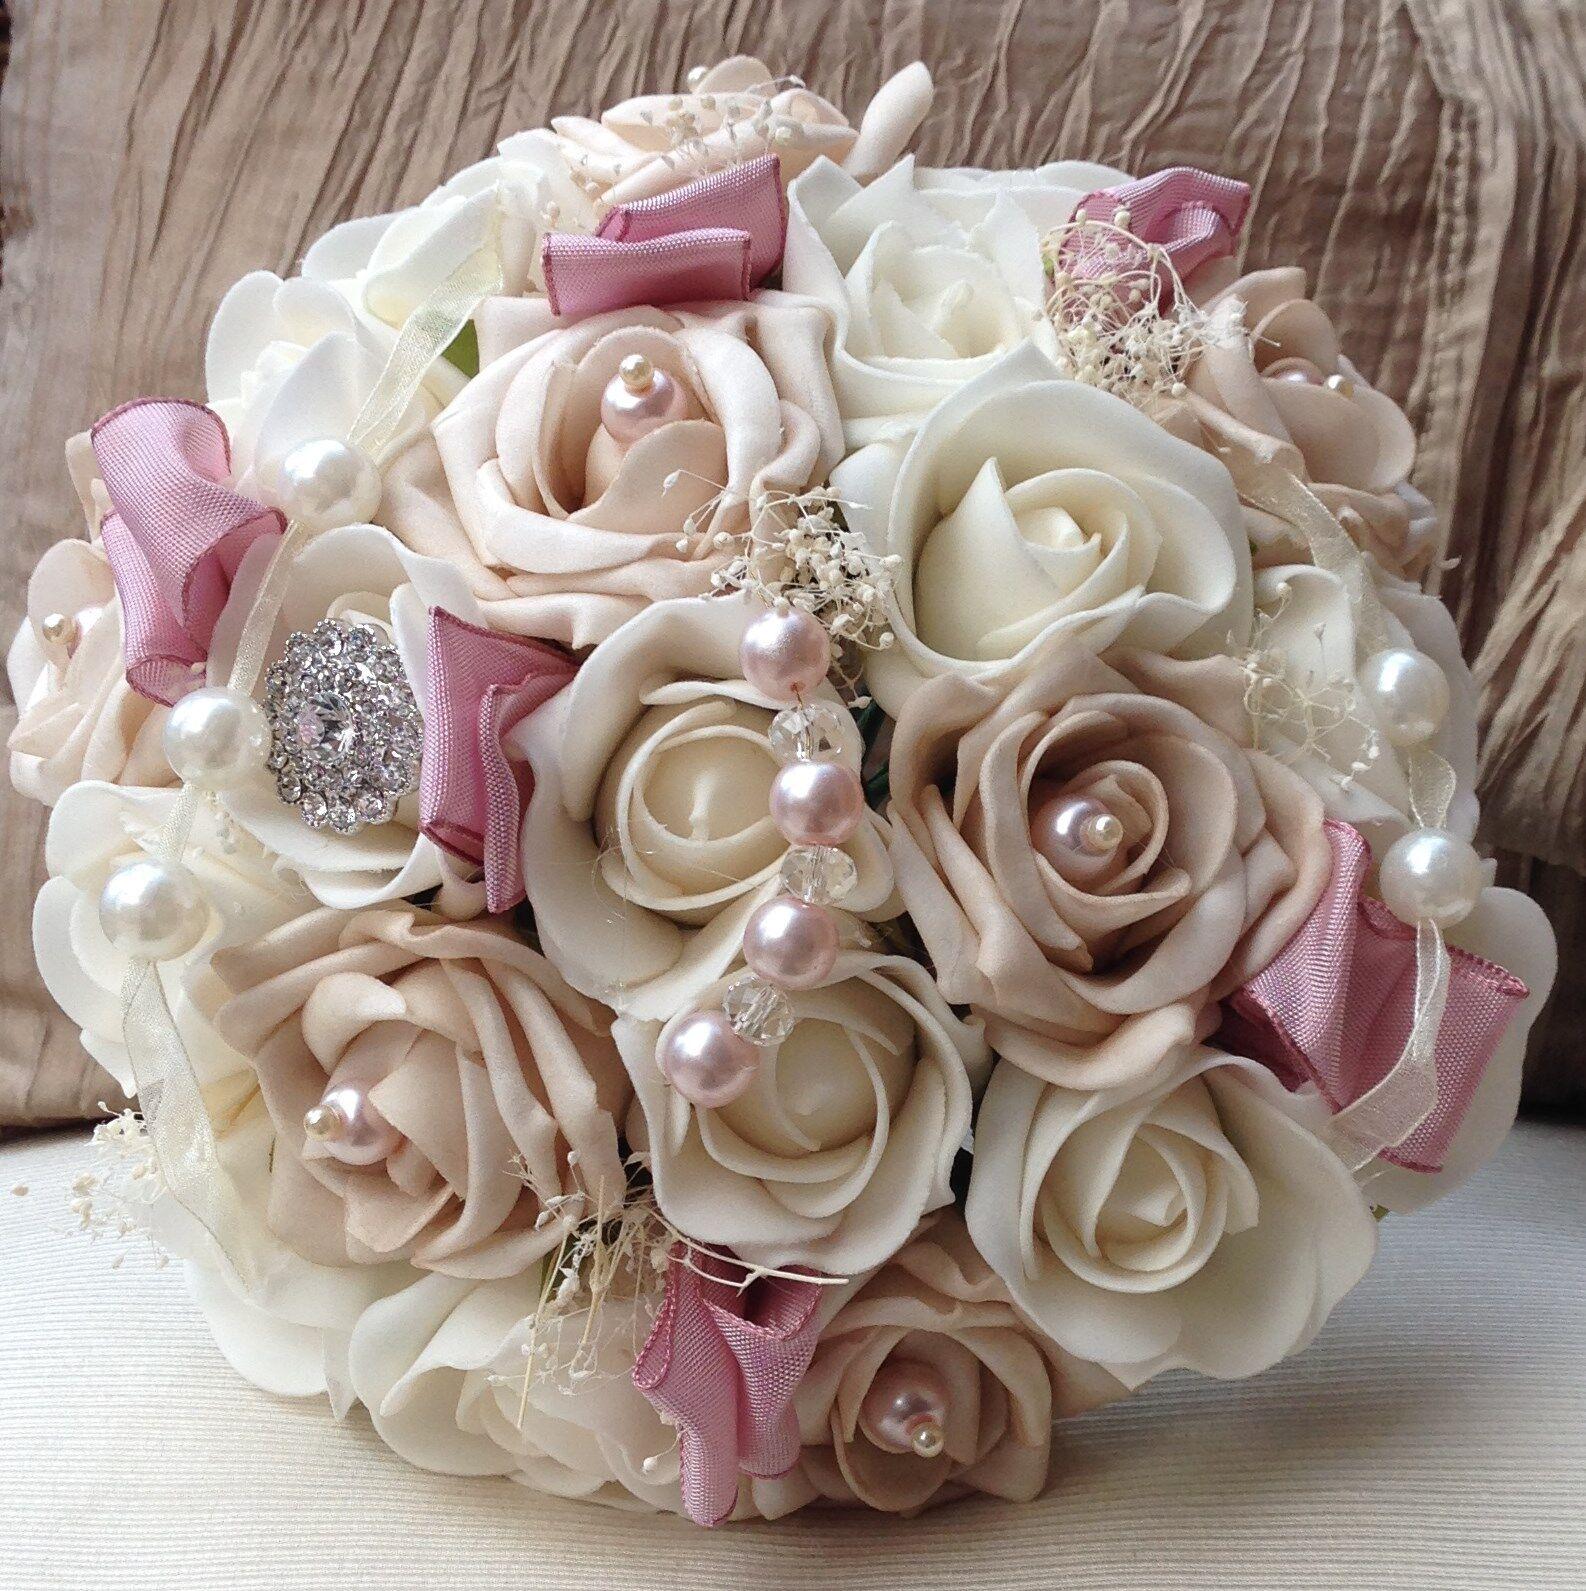 Vintage Wedding Flower Bouquets: DUSKY BLUSH VINTAGE PINK IVORY BROOCH ROSES BRIDES BOUQUET